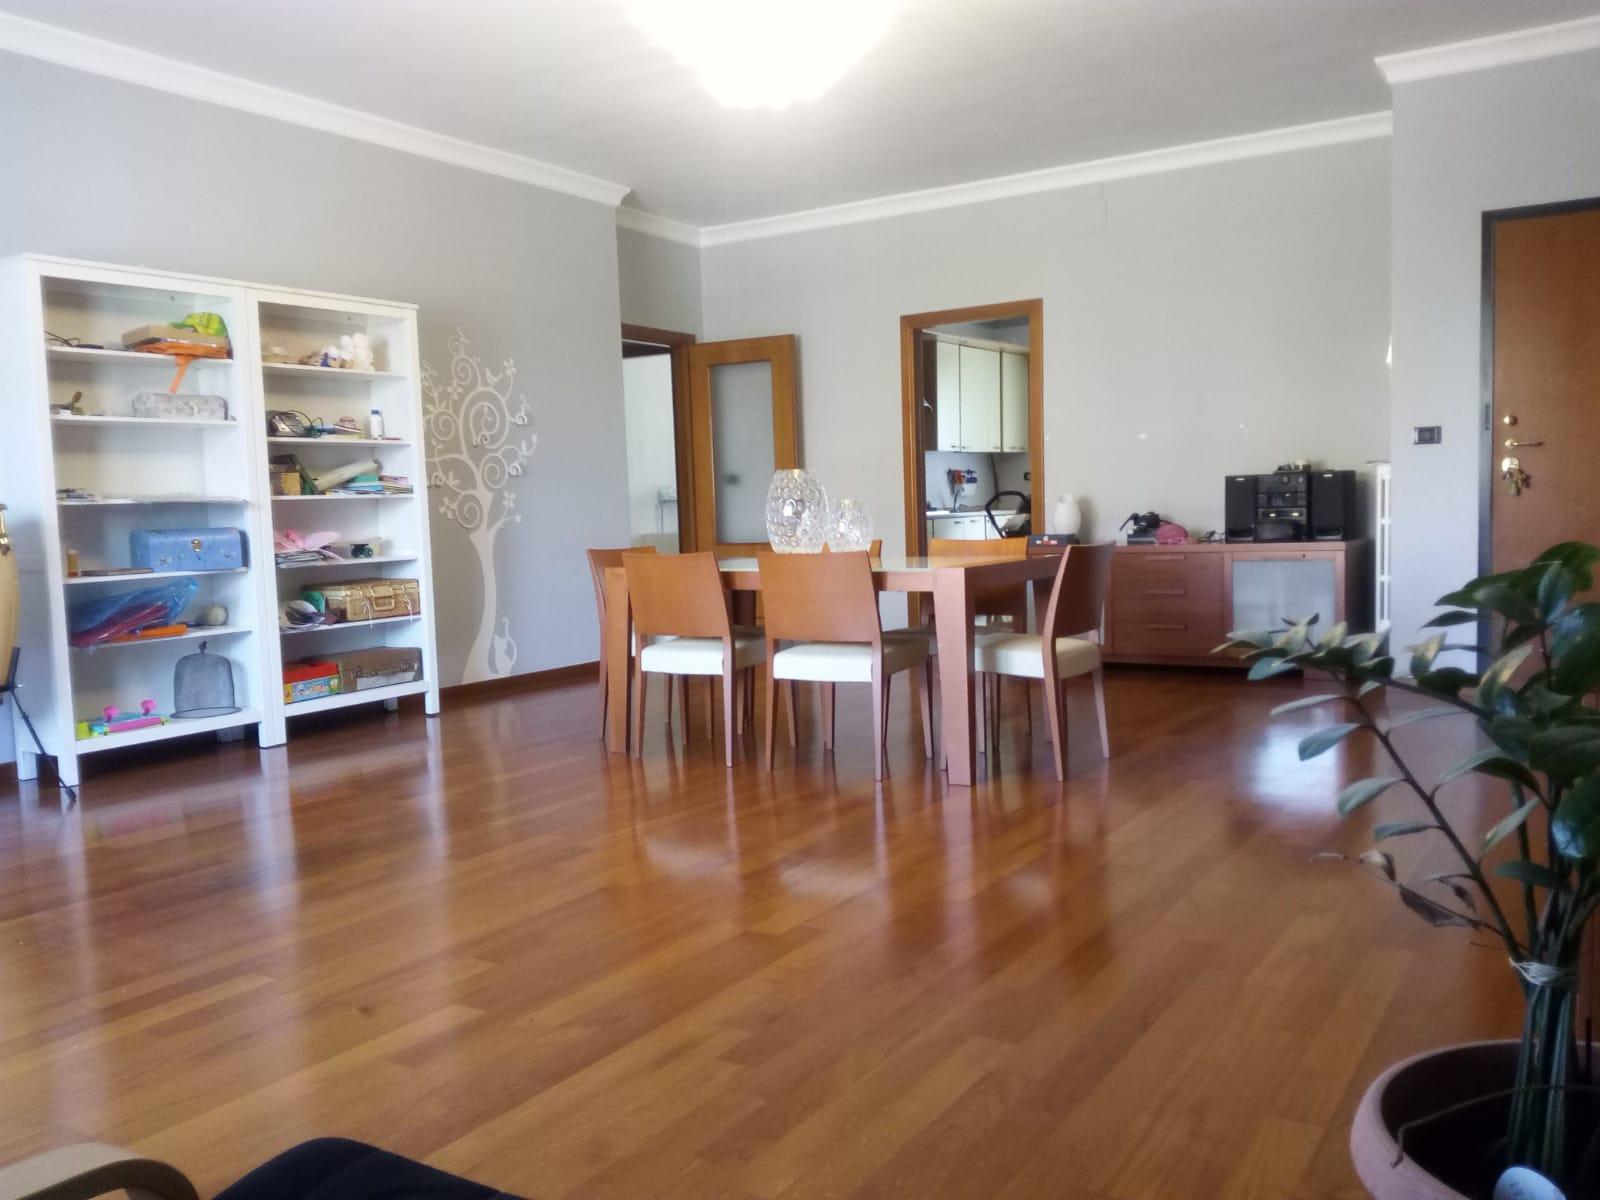 Appartamento in vendita a Foggia- Via Benedetto Croce bellissimo appartamento di 4 vani doppi servizi e box doppio